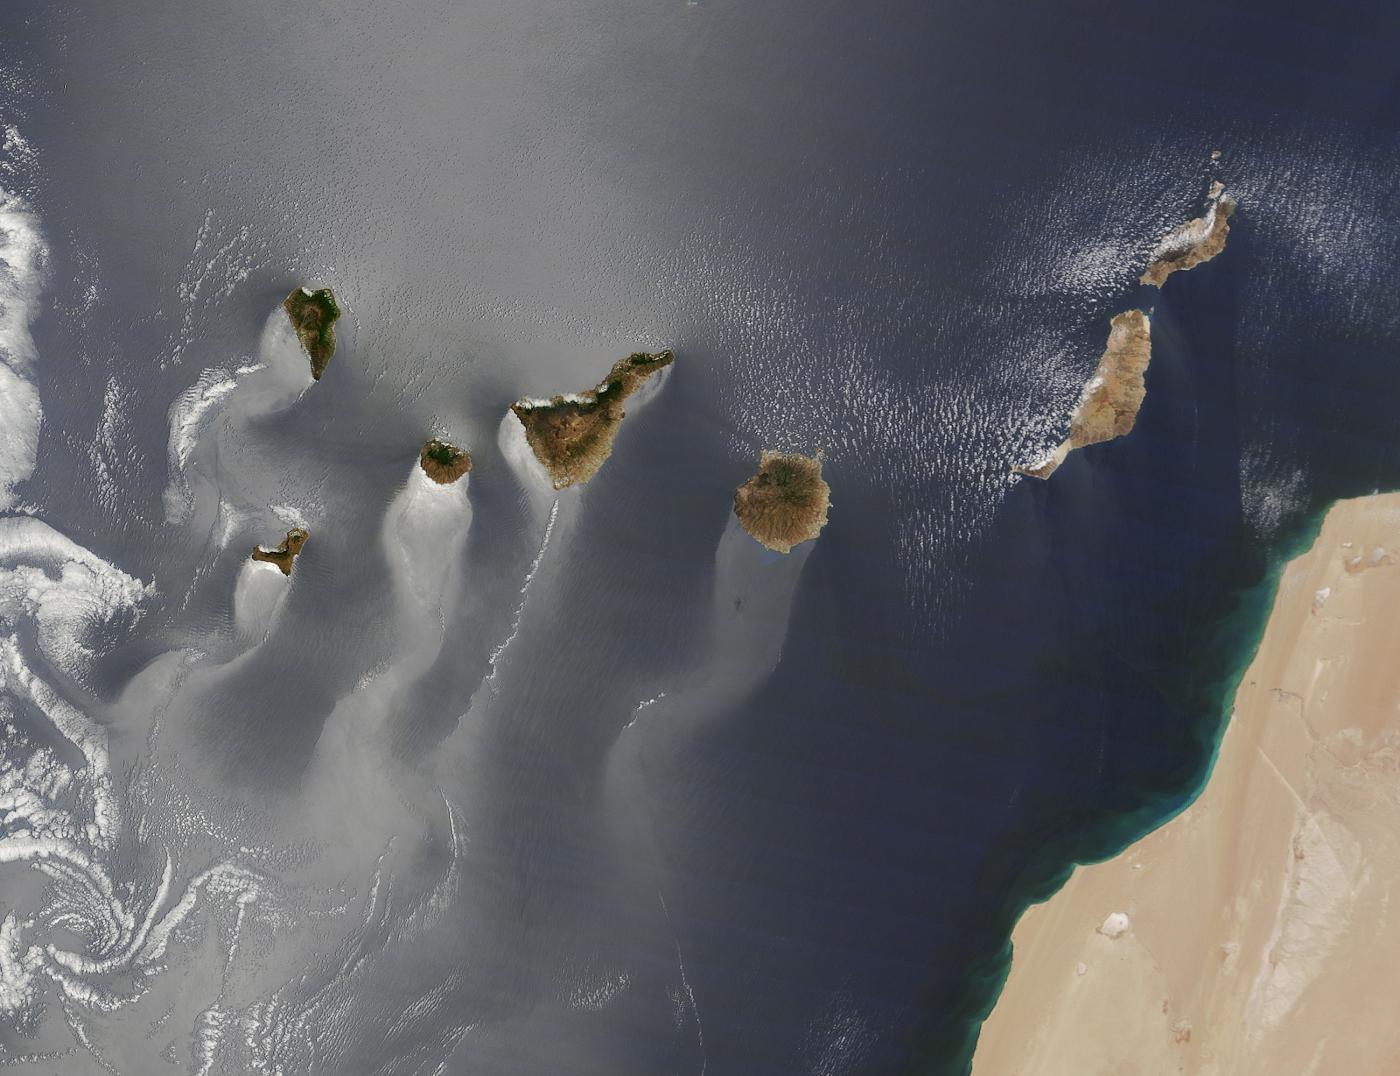 Luchshaya-fotografiya-goda-NASA